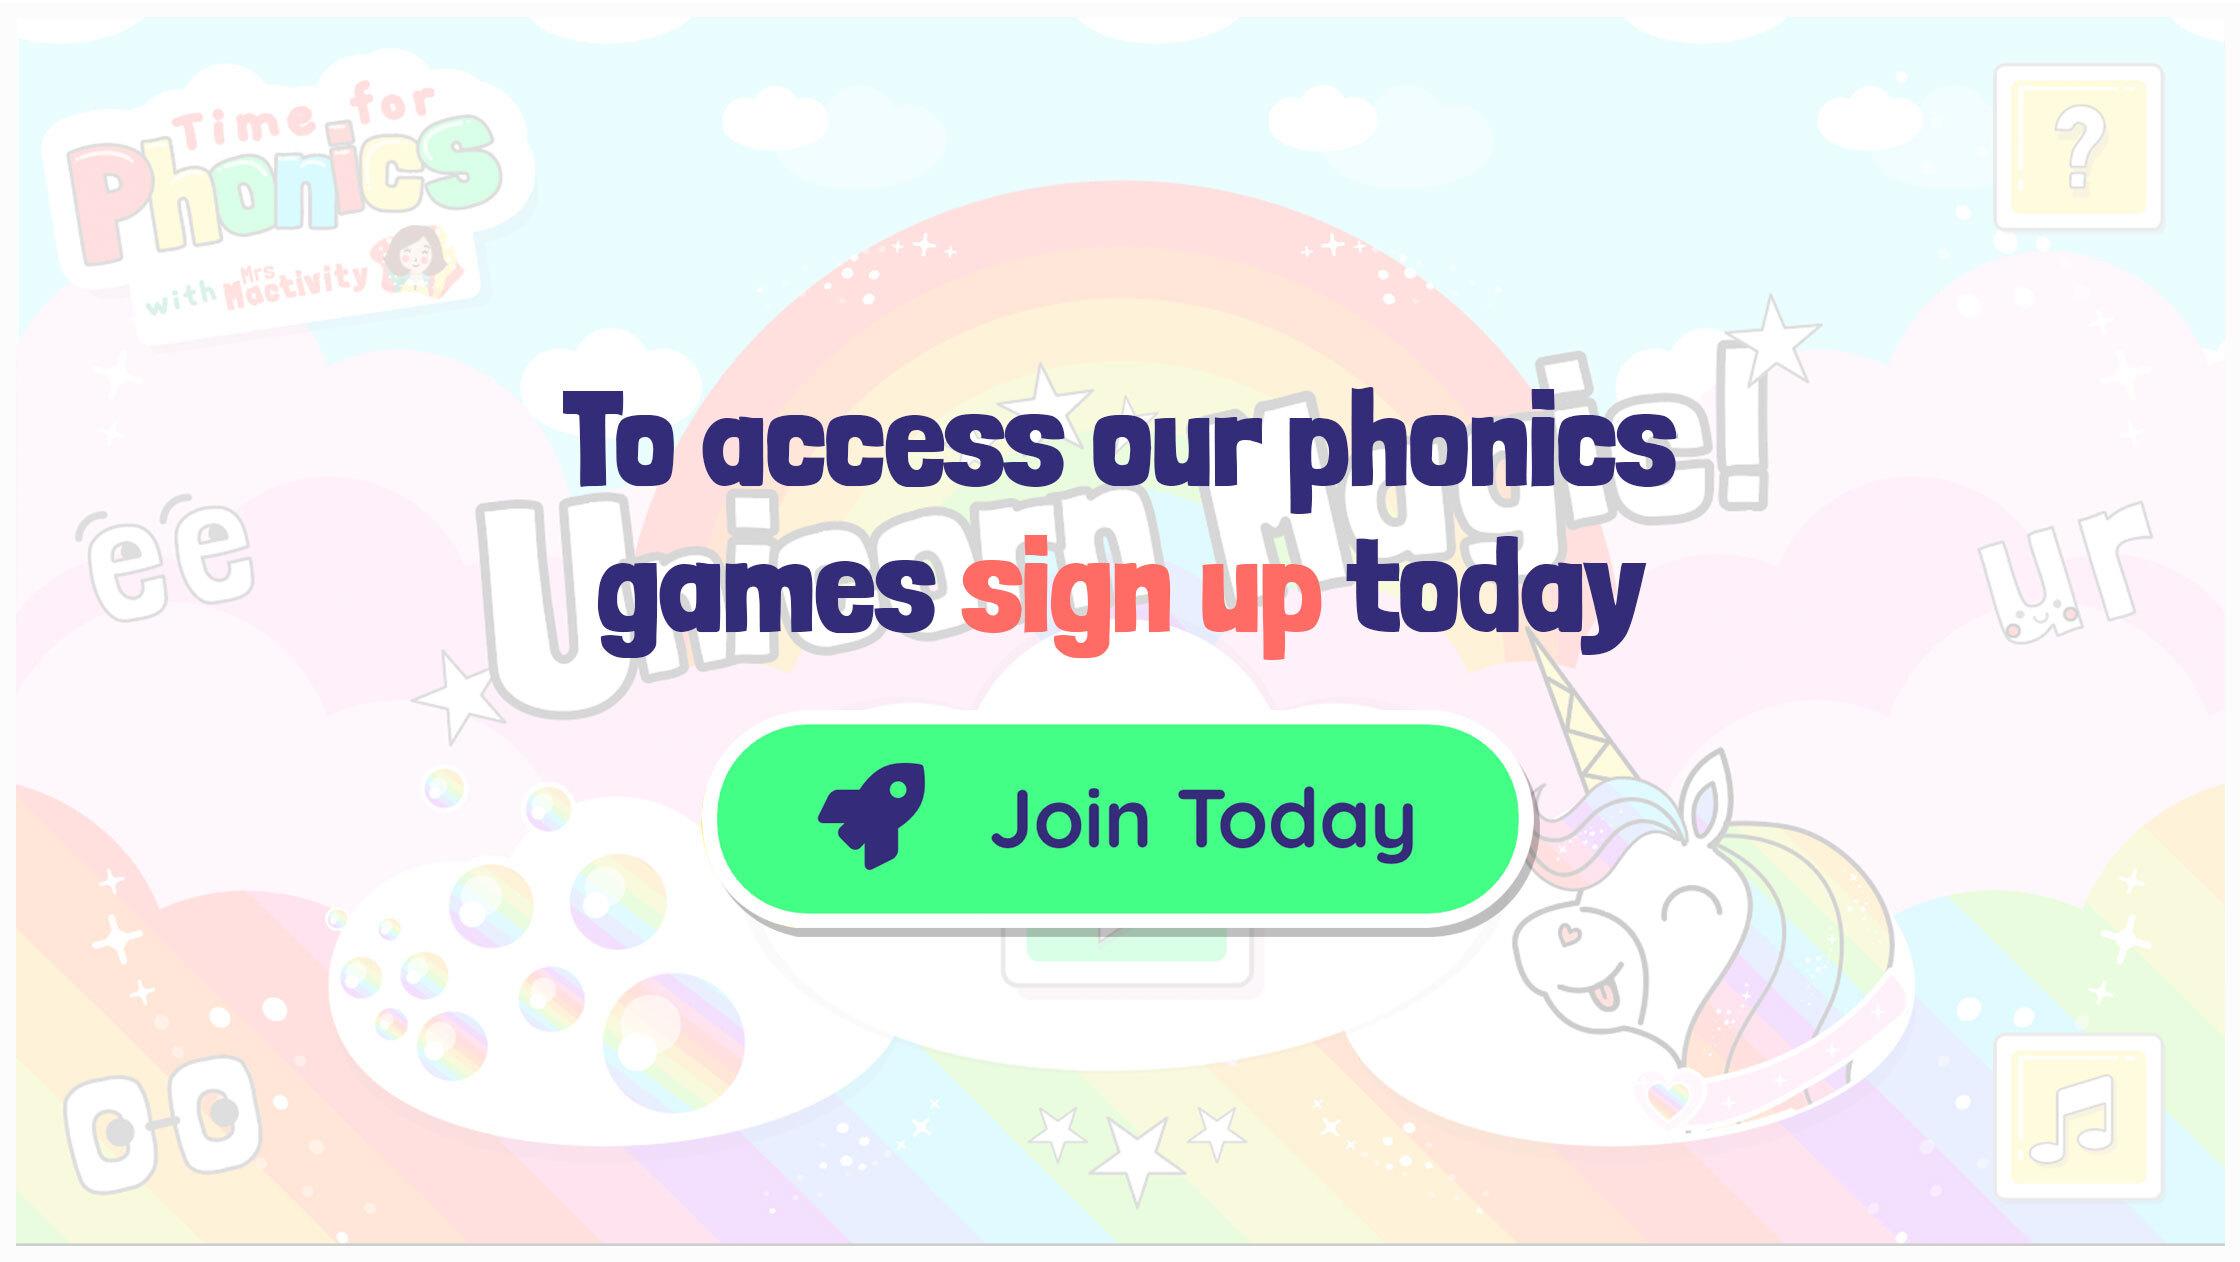 Free phonics games for kids UK children EYFS KS1 phase 2 3 4 5